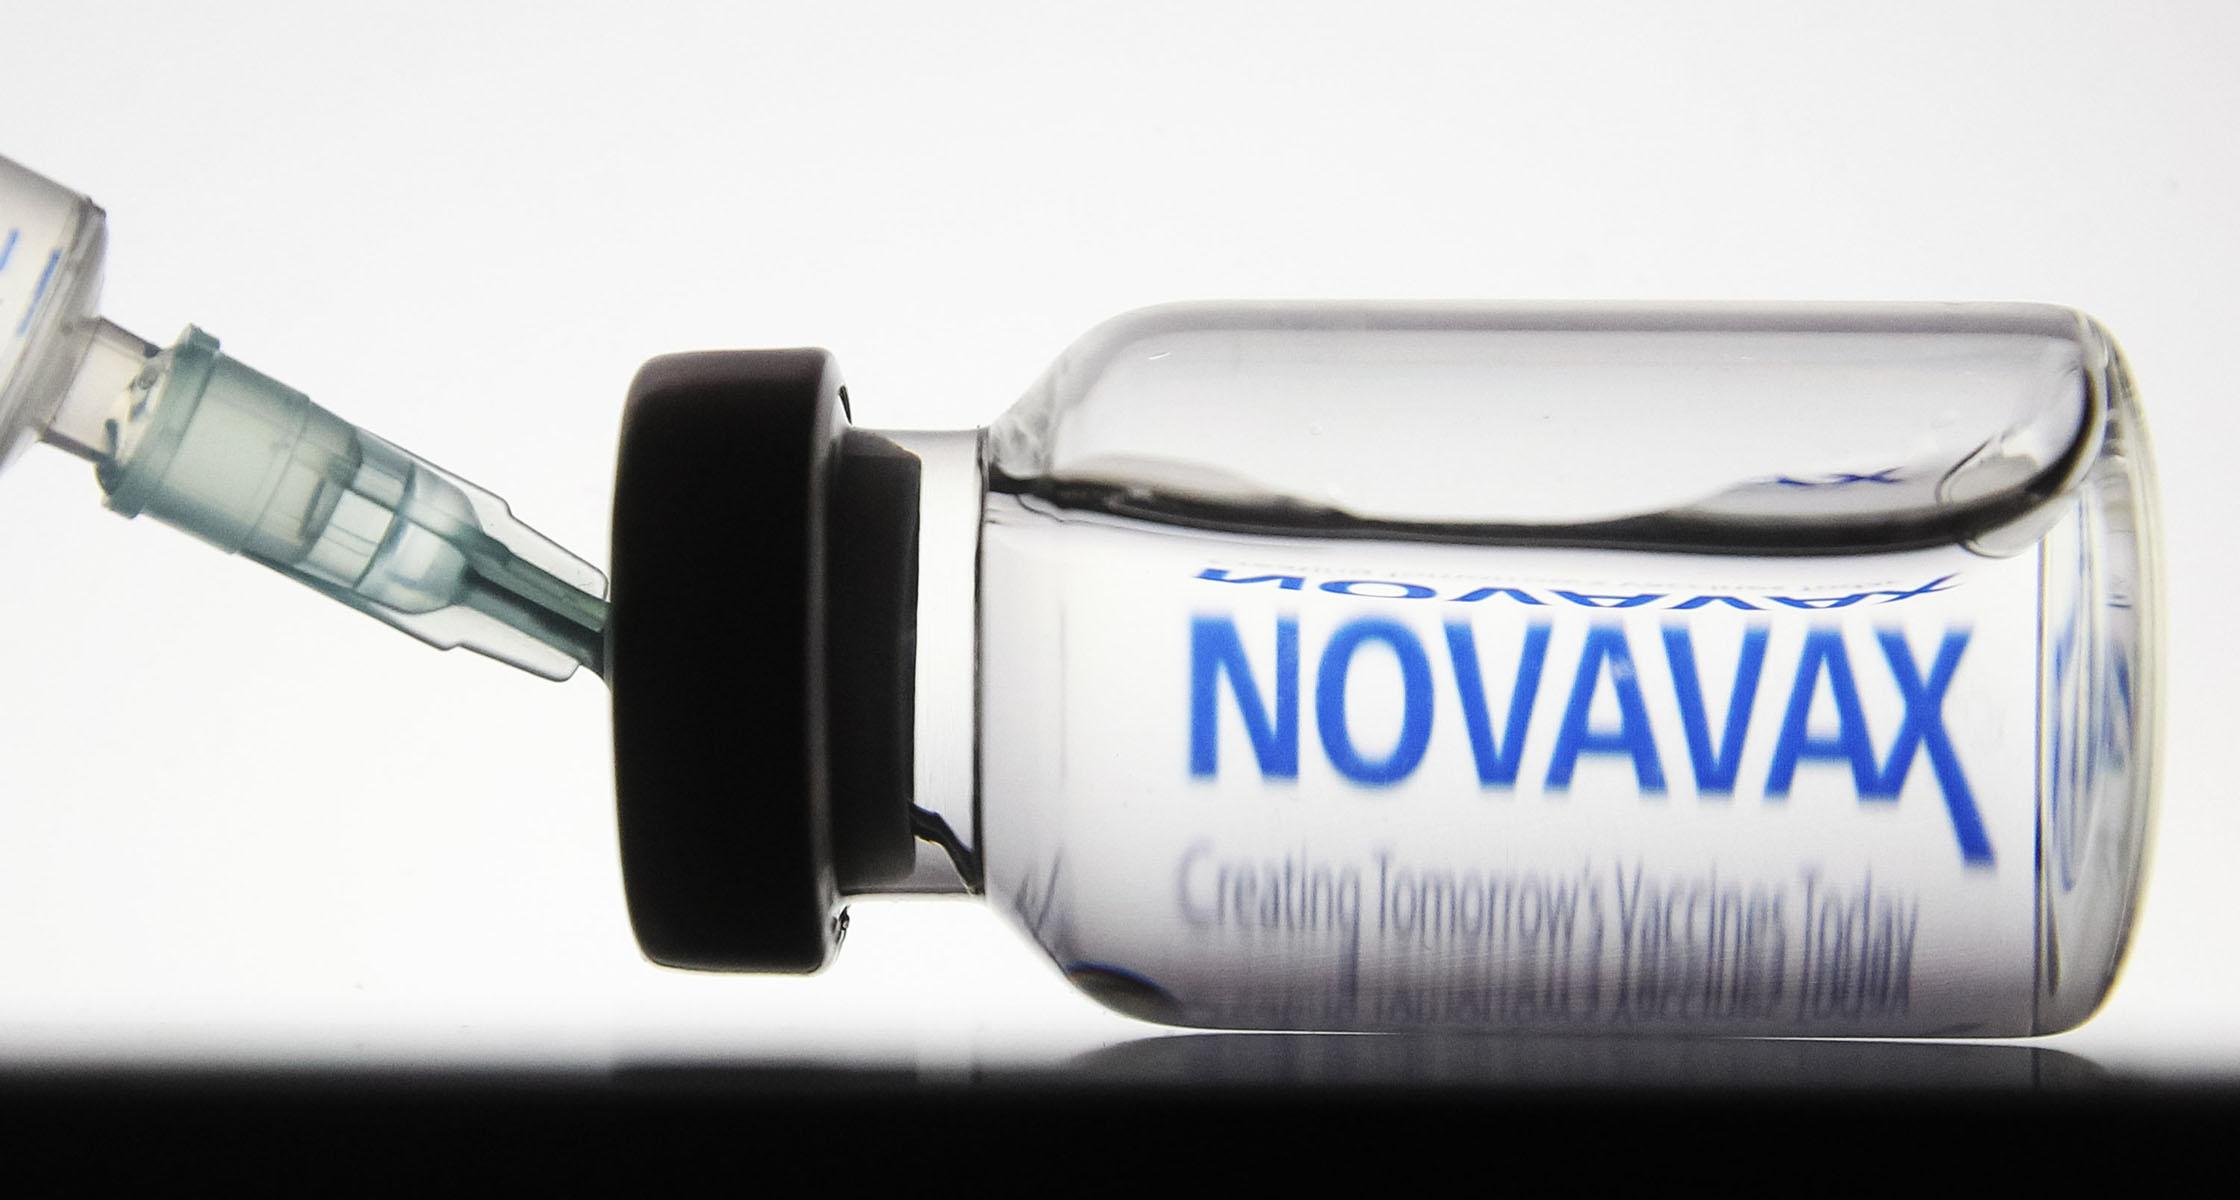 https www aerzteblatt de nachrichten 120667 novavax impfstoff vor allem die suedafrikanische variante mindert die schutzwirkung gegen covid 19